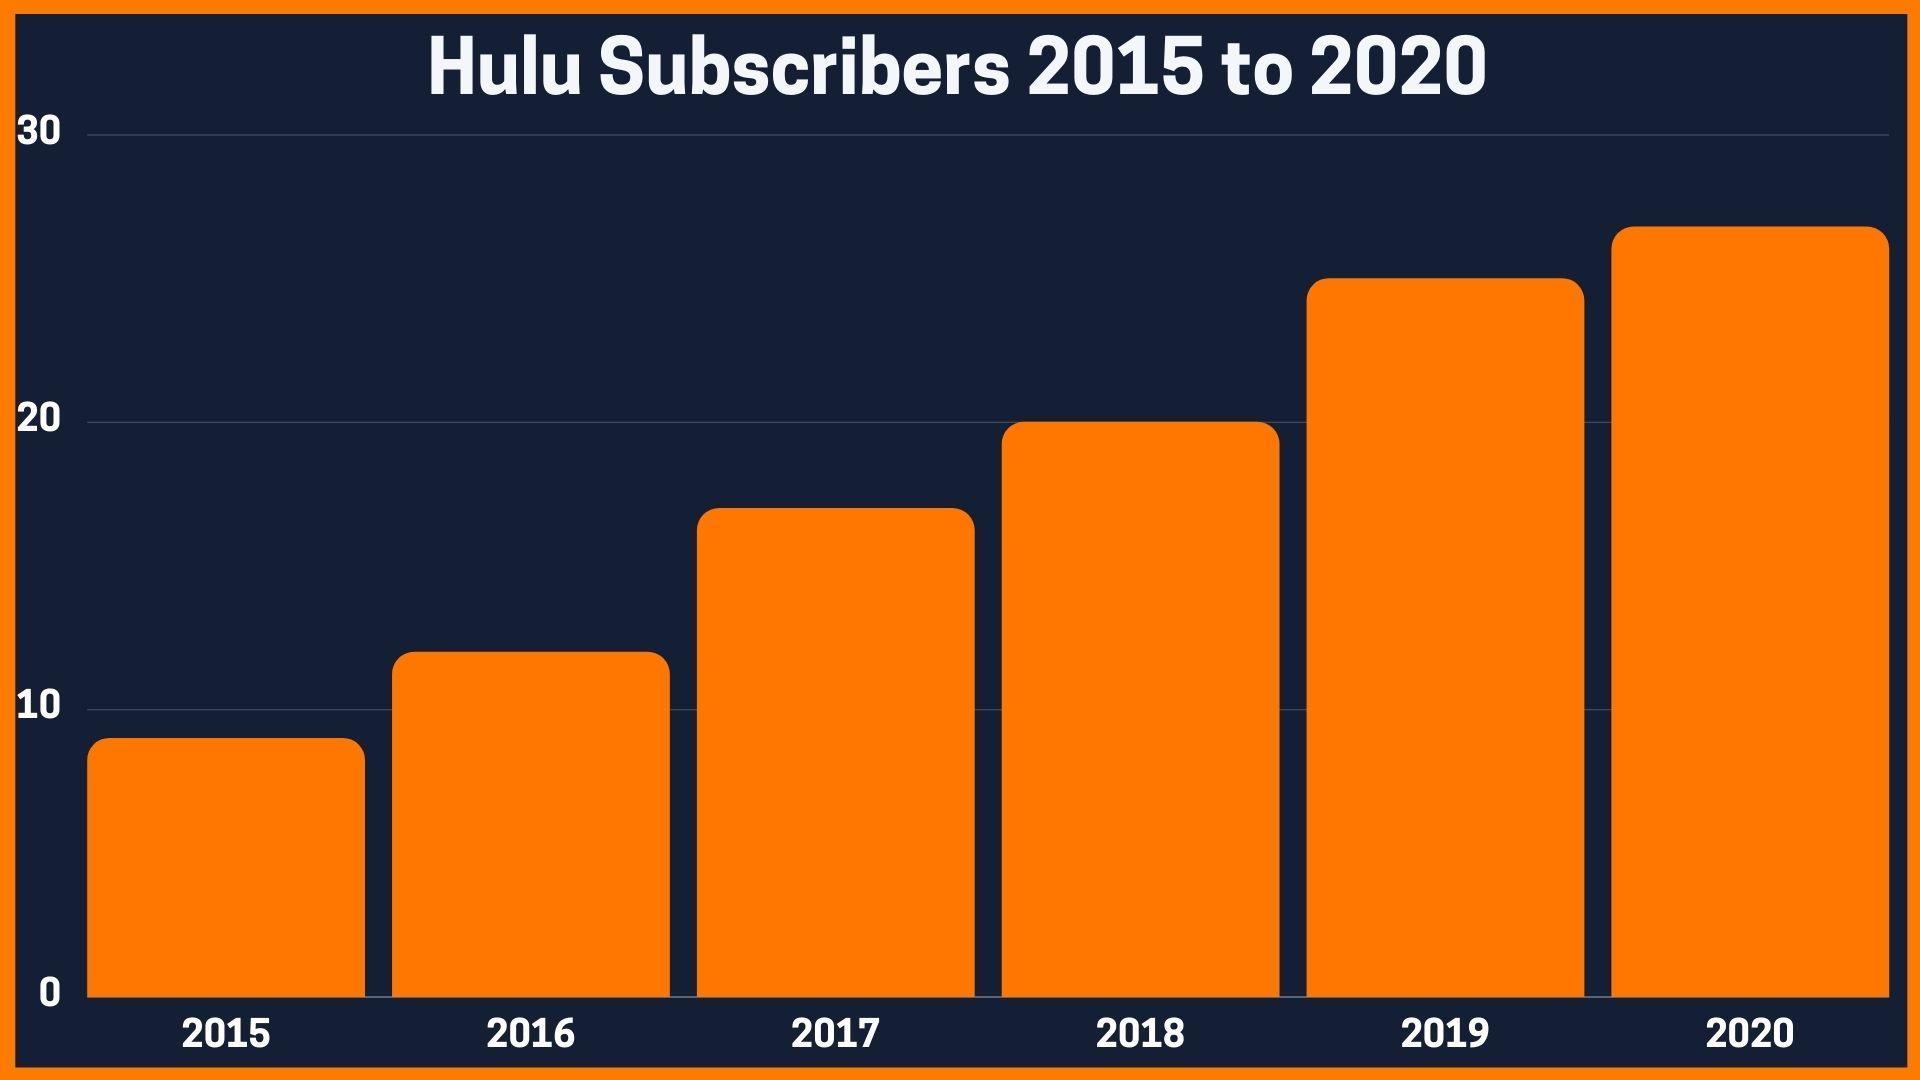 Hulu Subscribers 2015 to 2020